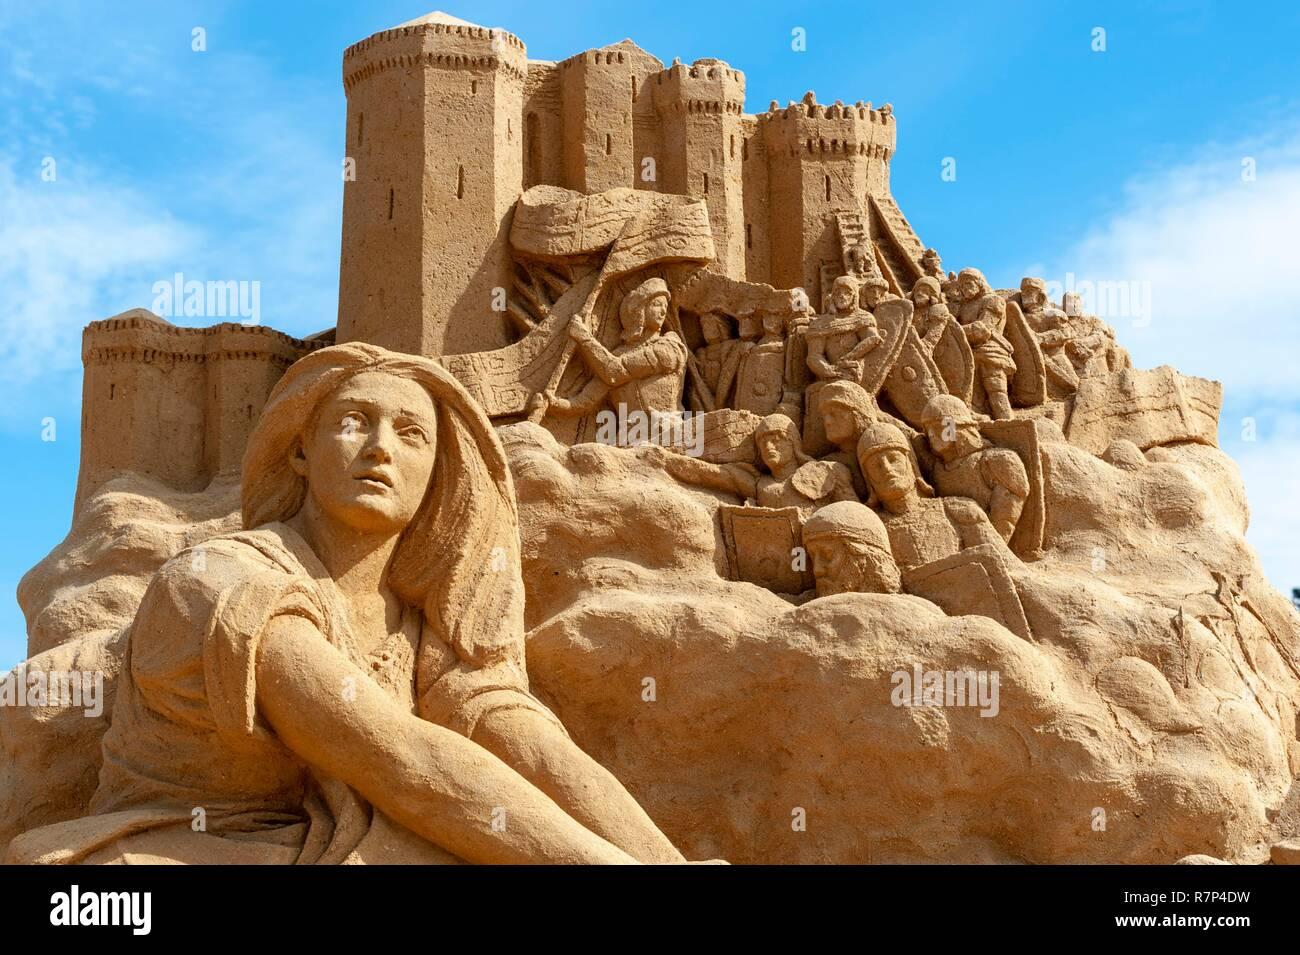 Denmark, Zealand, Hundested, sand sculpture festival - Stock Image